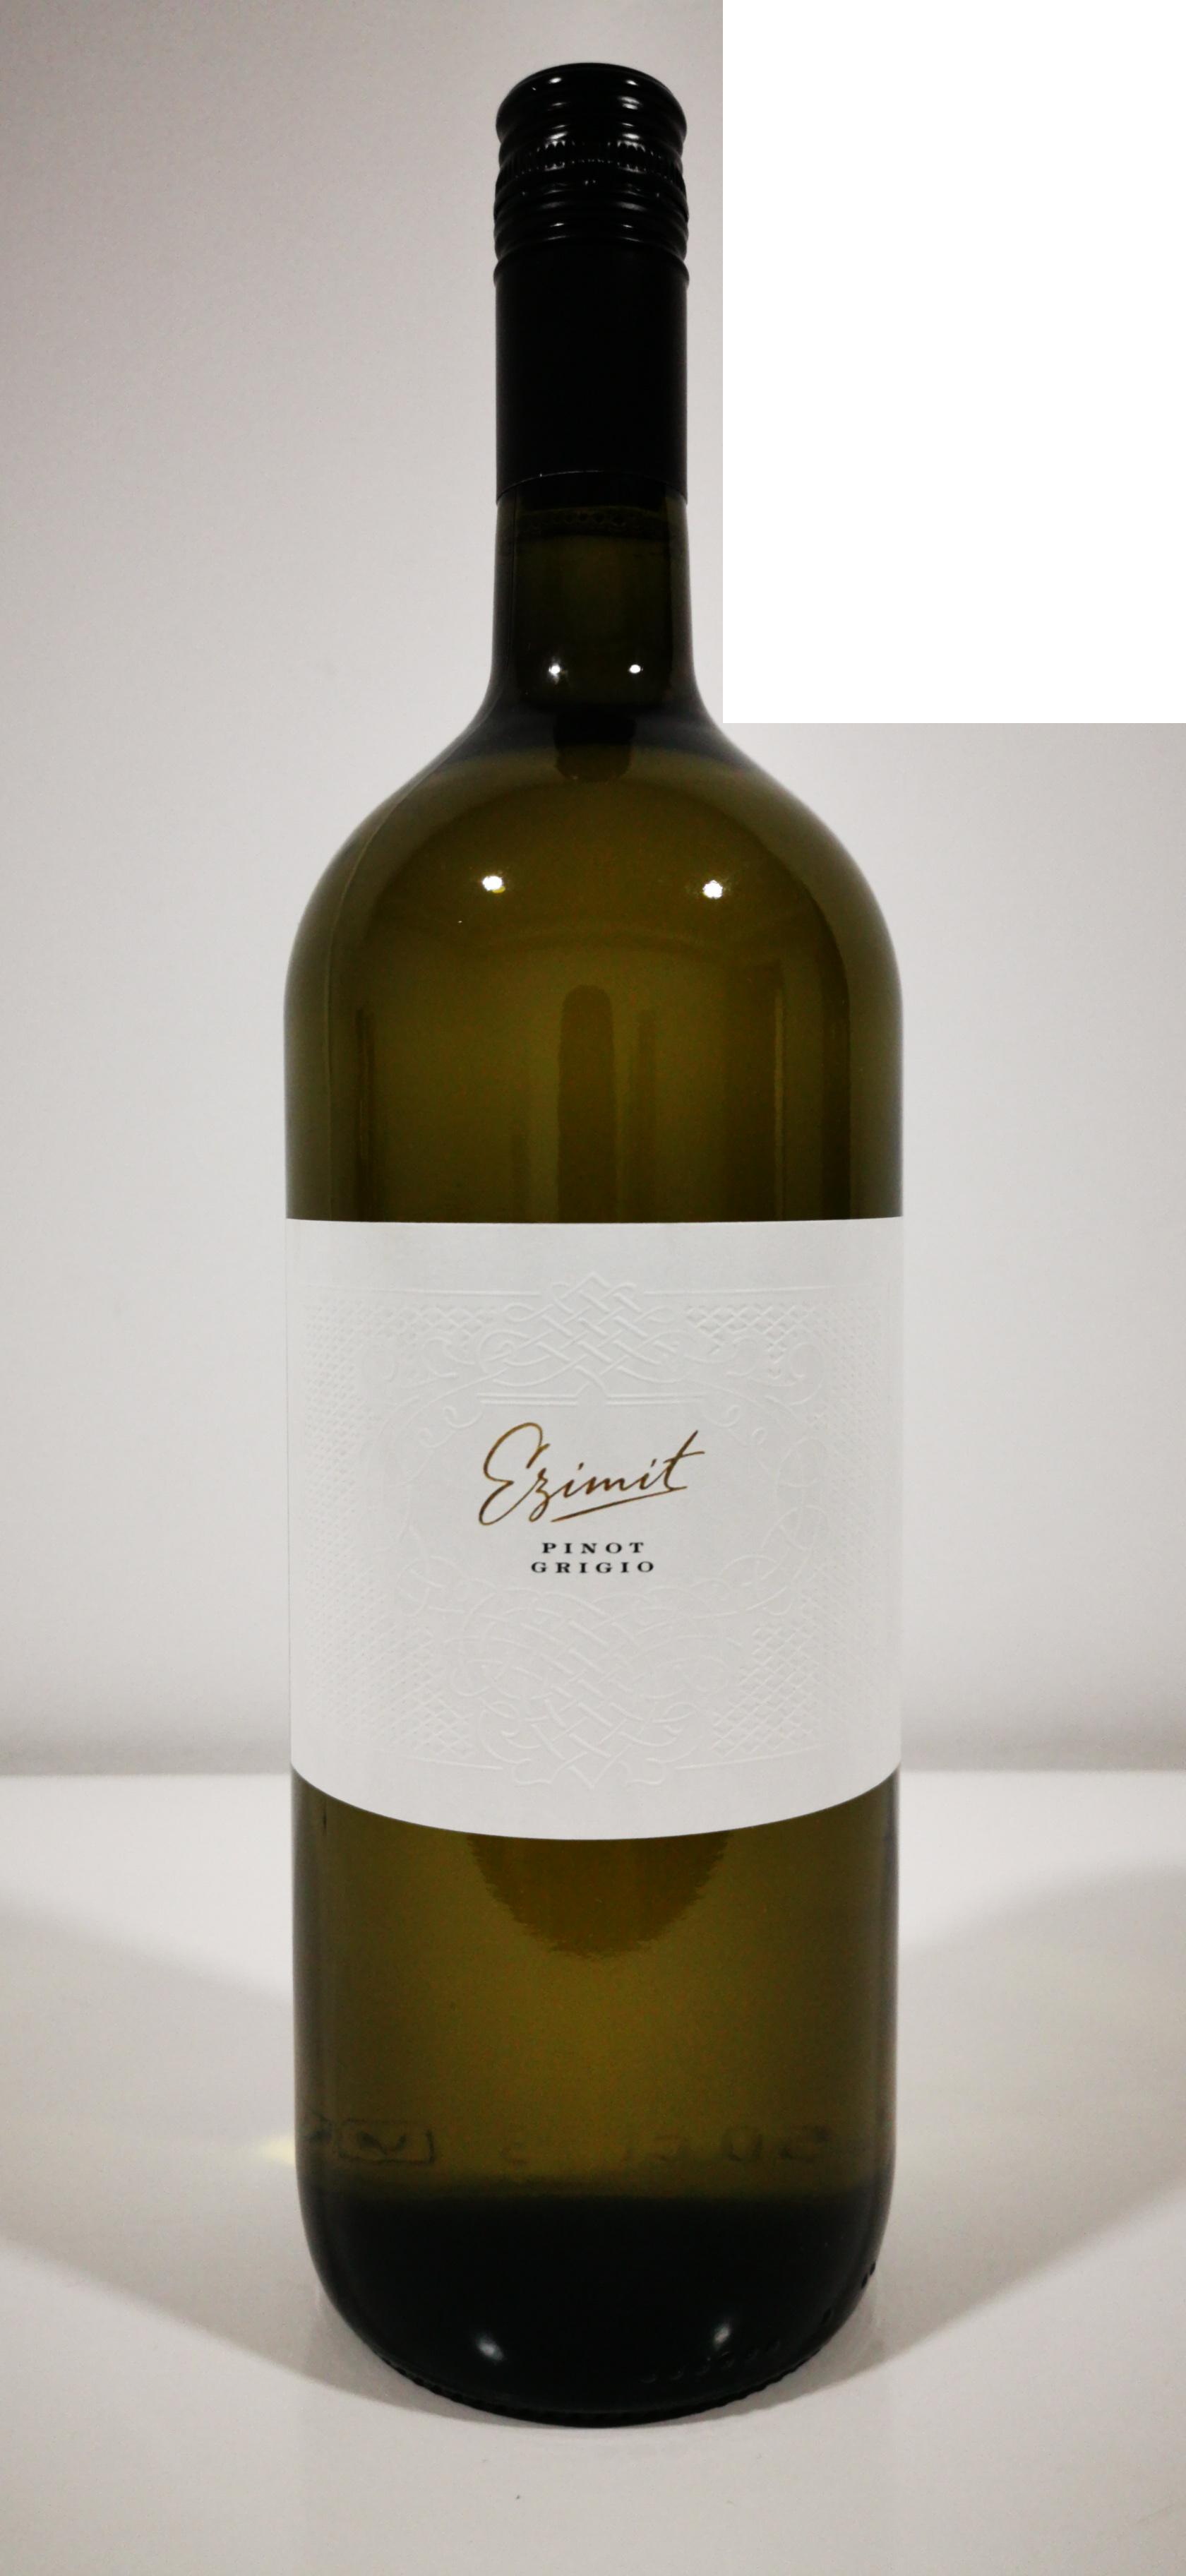 1,5L Pinot Grigio Ezimit DOOEL WGO trocken Nordmazedonien 2018 - 14,5%